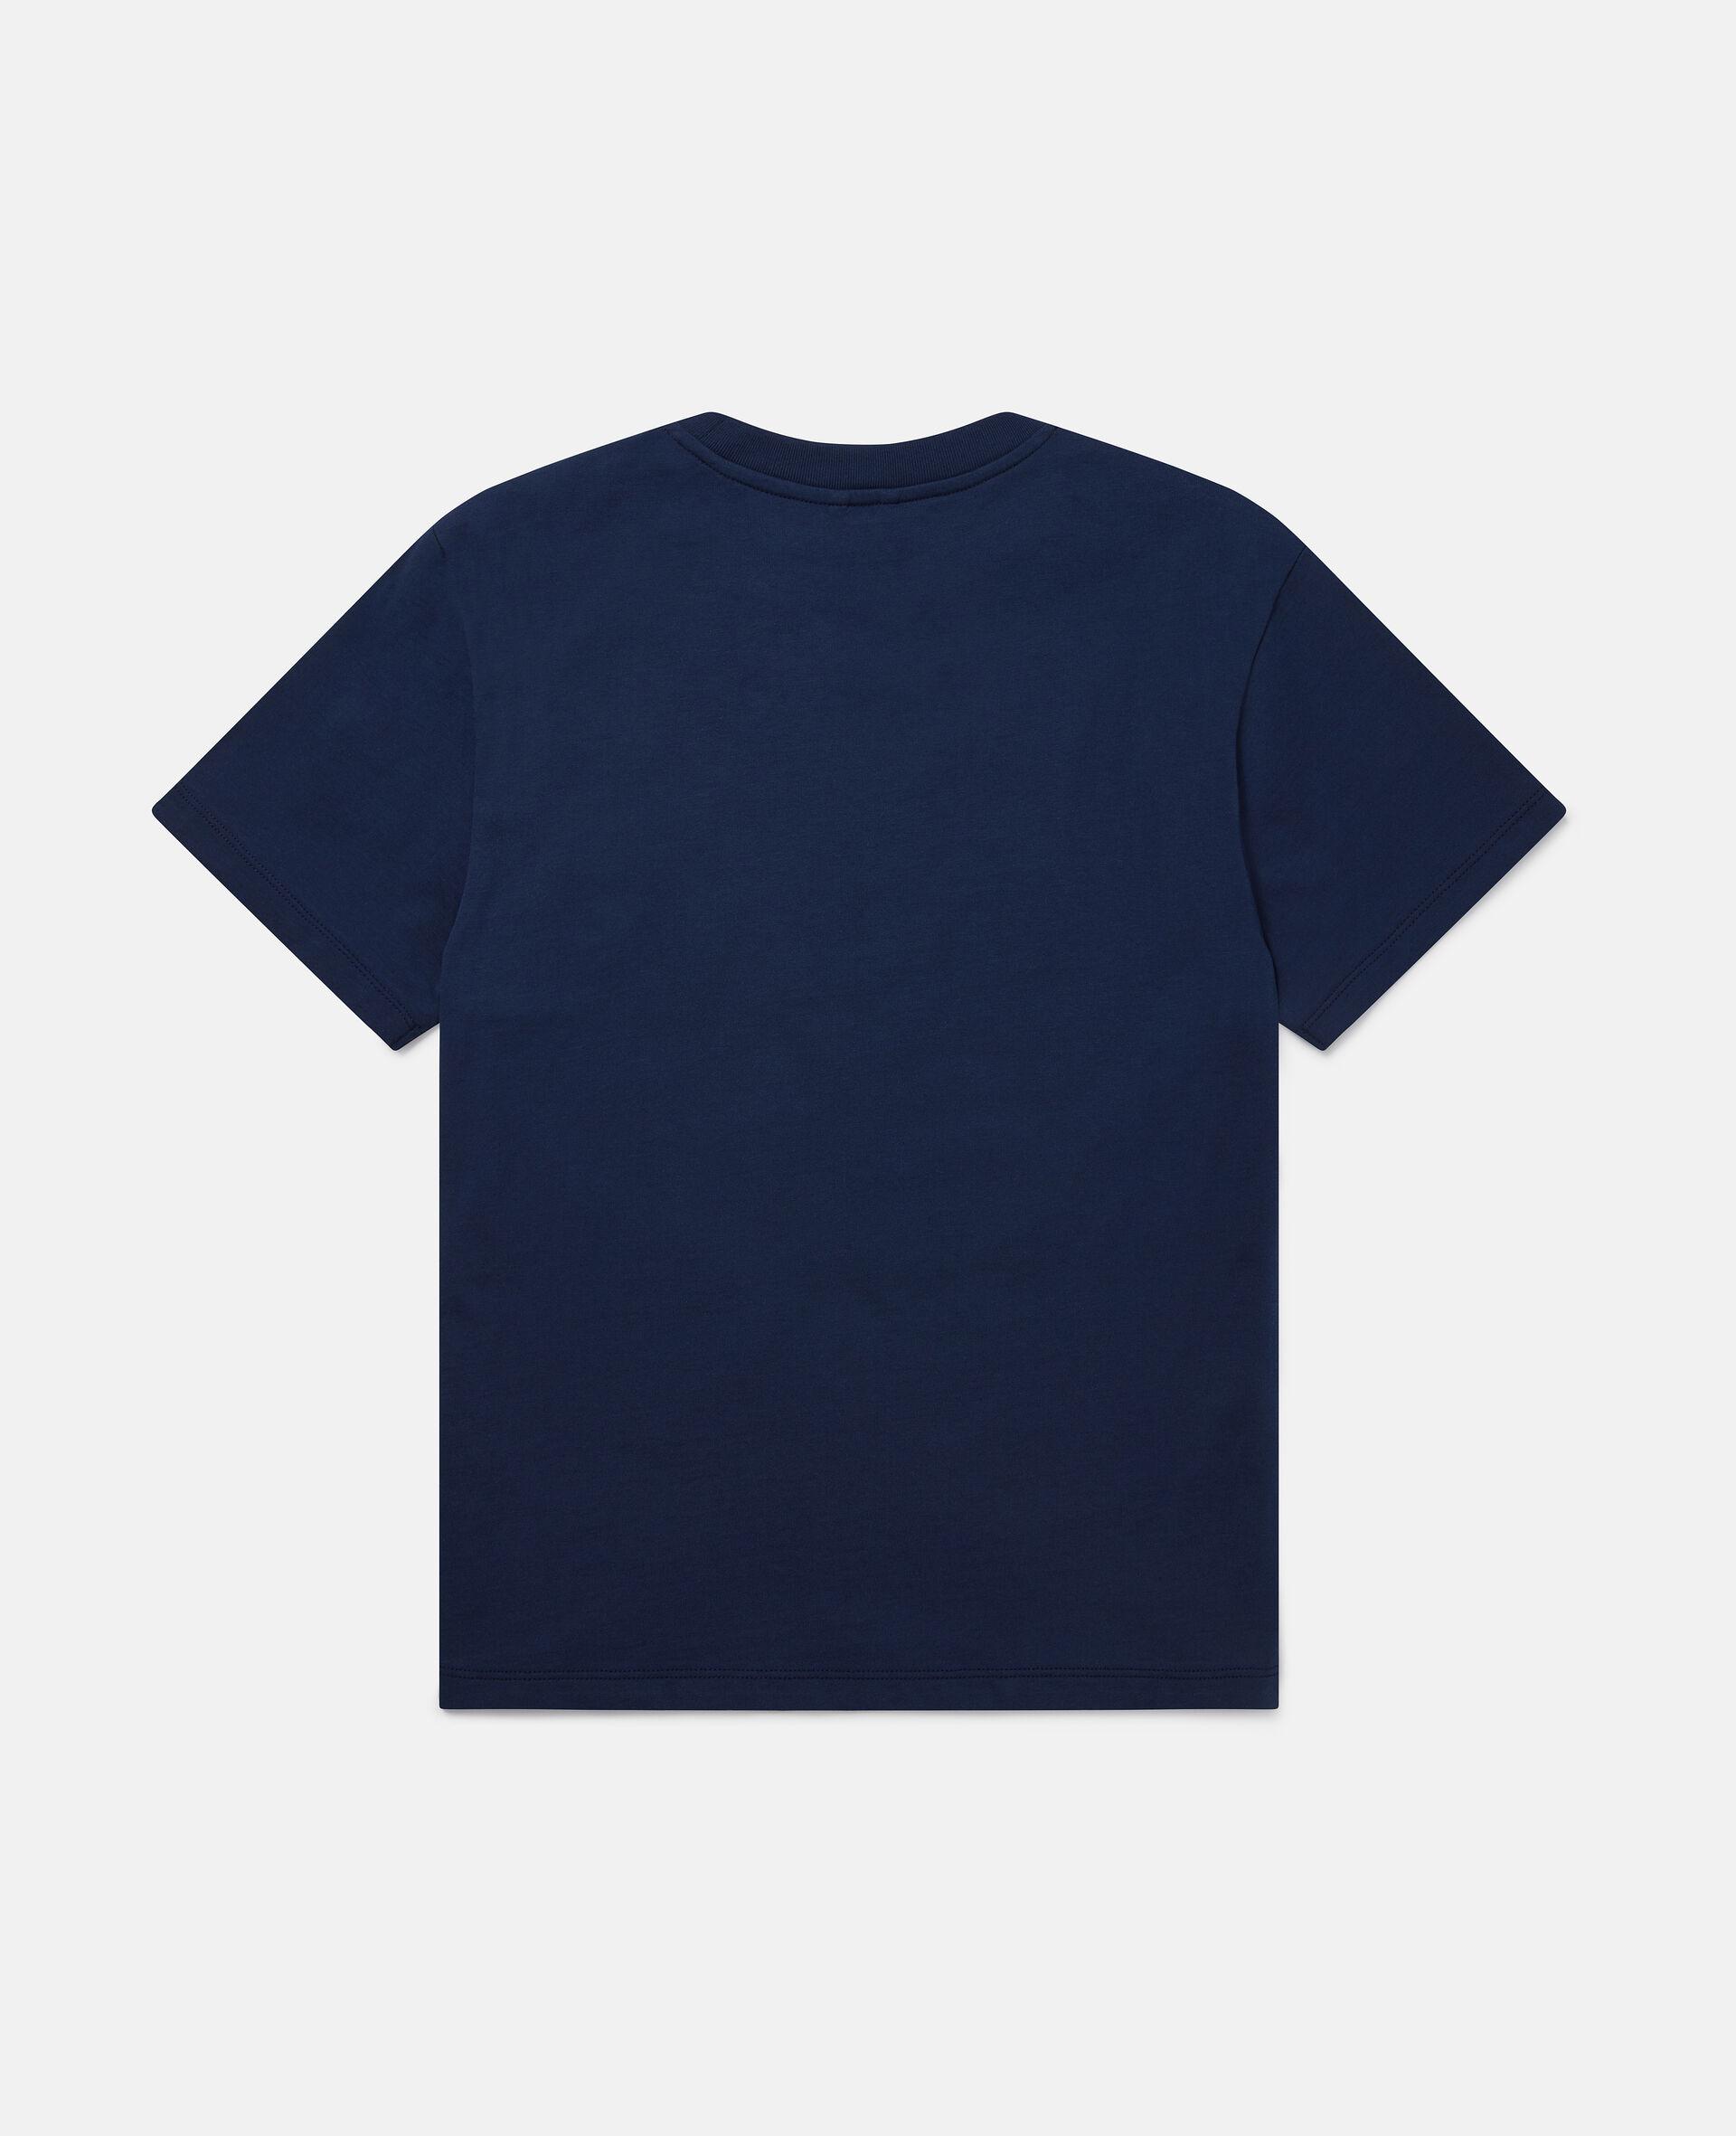 披萨滑板运动员印花超大号T恤-蓝色-large image number 3